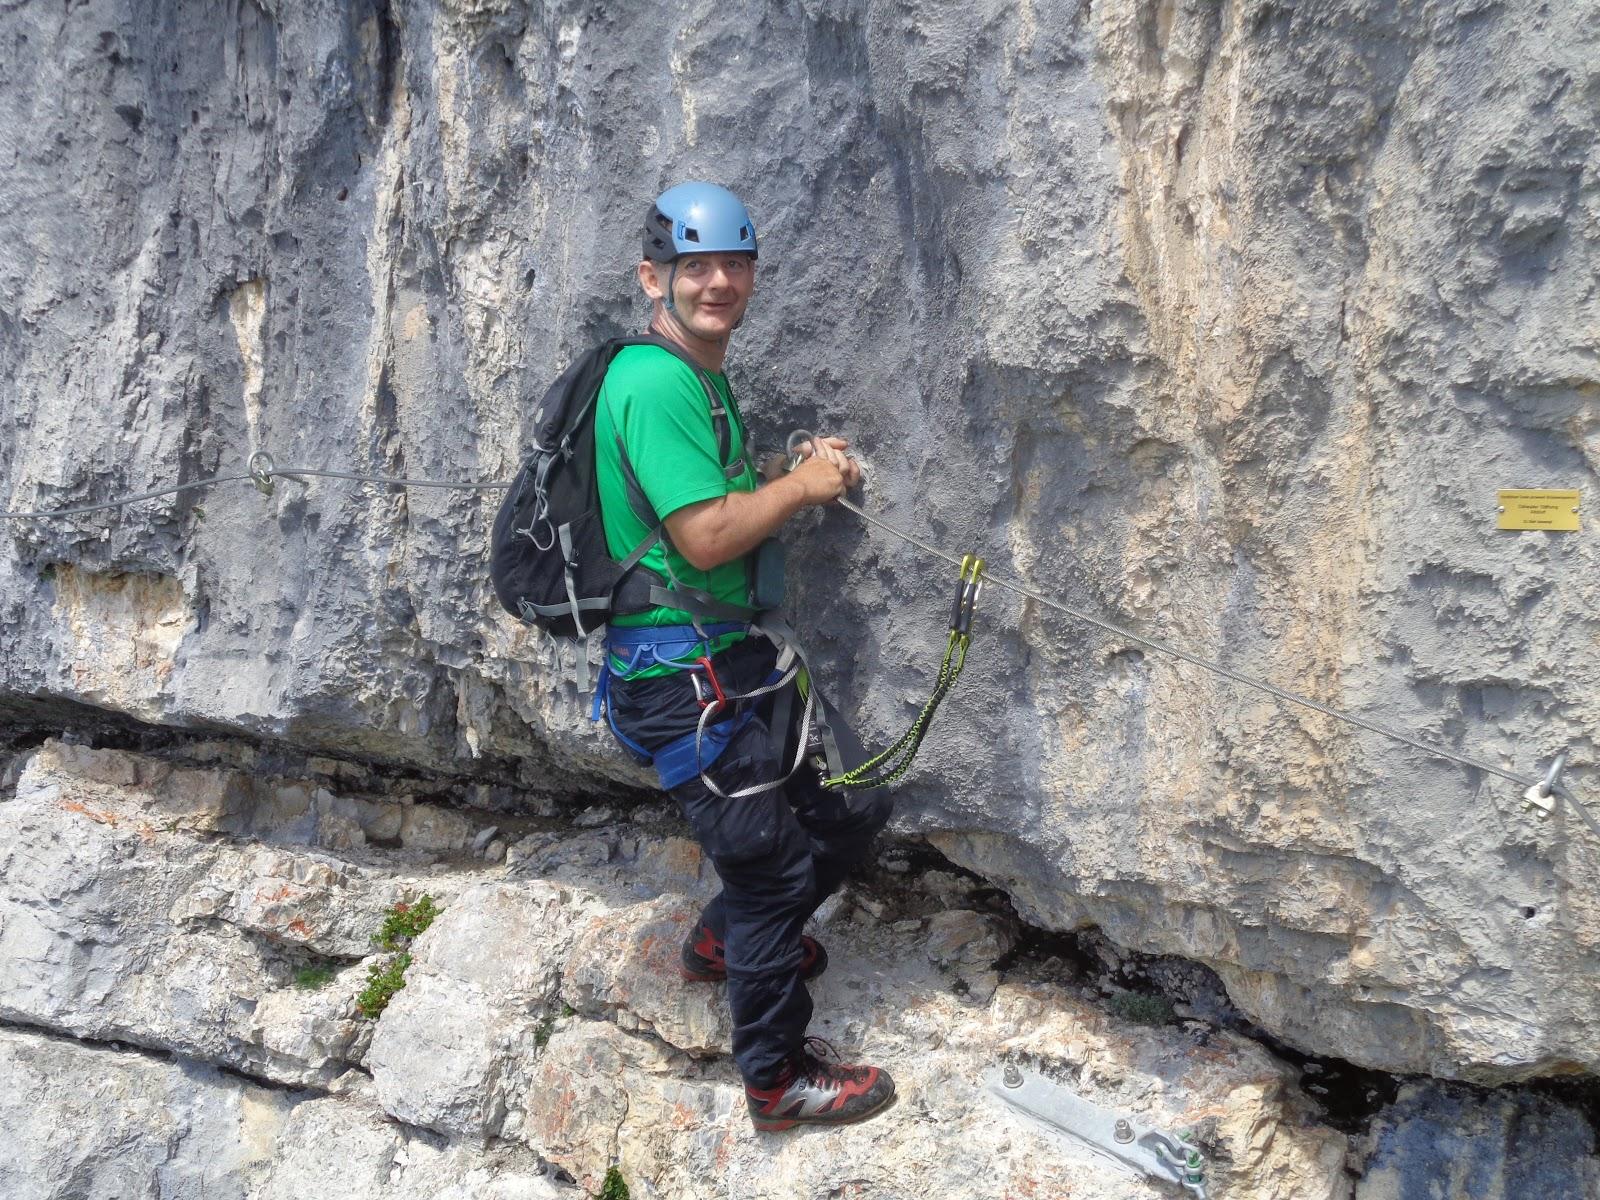 Klettersteig Fruttstägä : Klettersteig beschreibung jakobiger